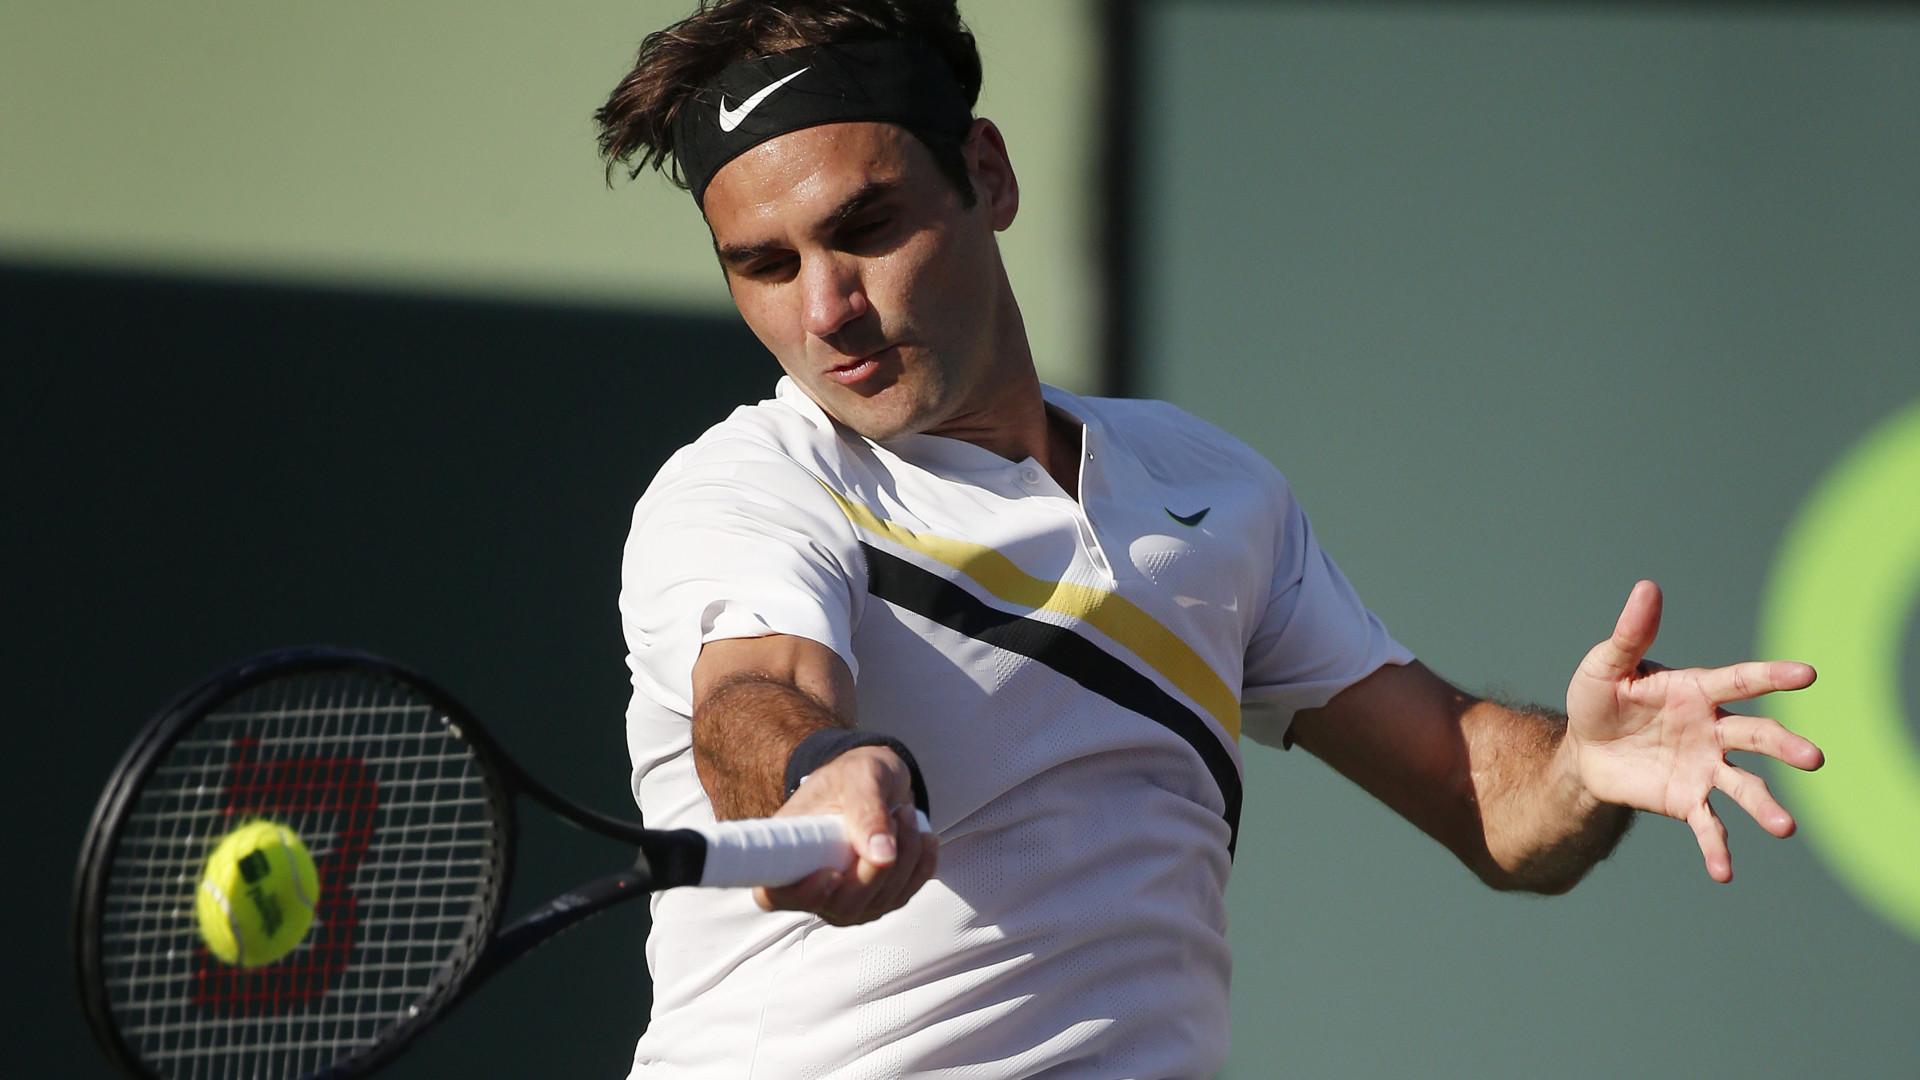 Federer volta à competição com vitória no torneio de Estugarda